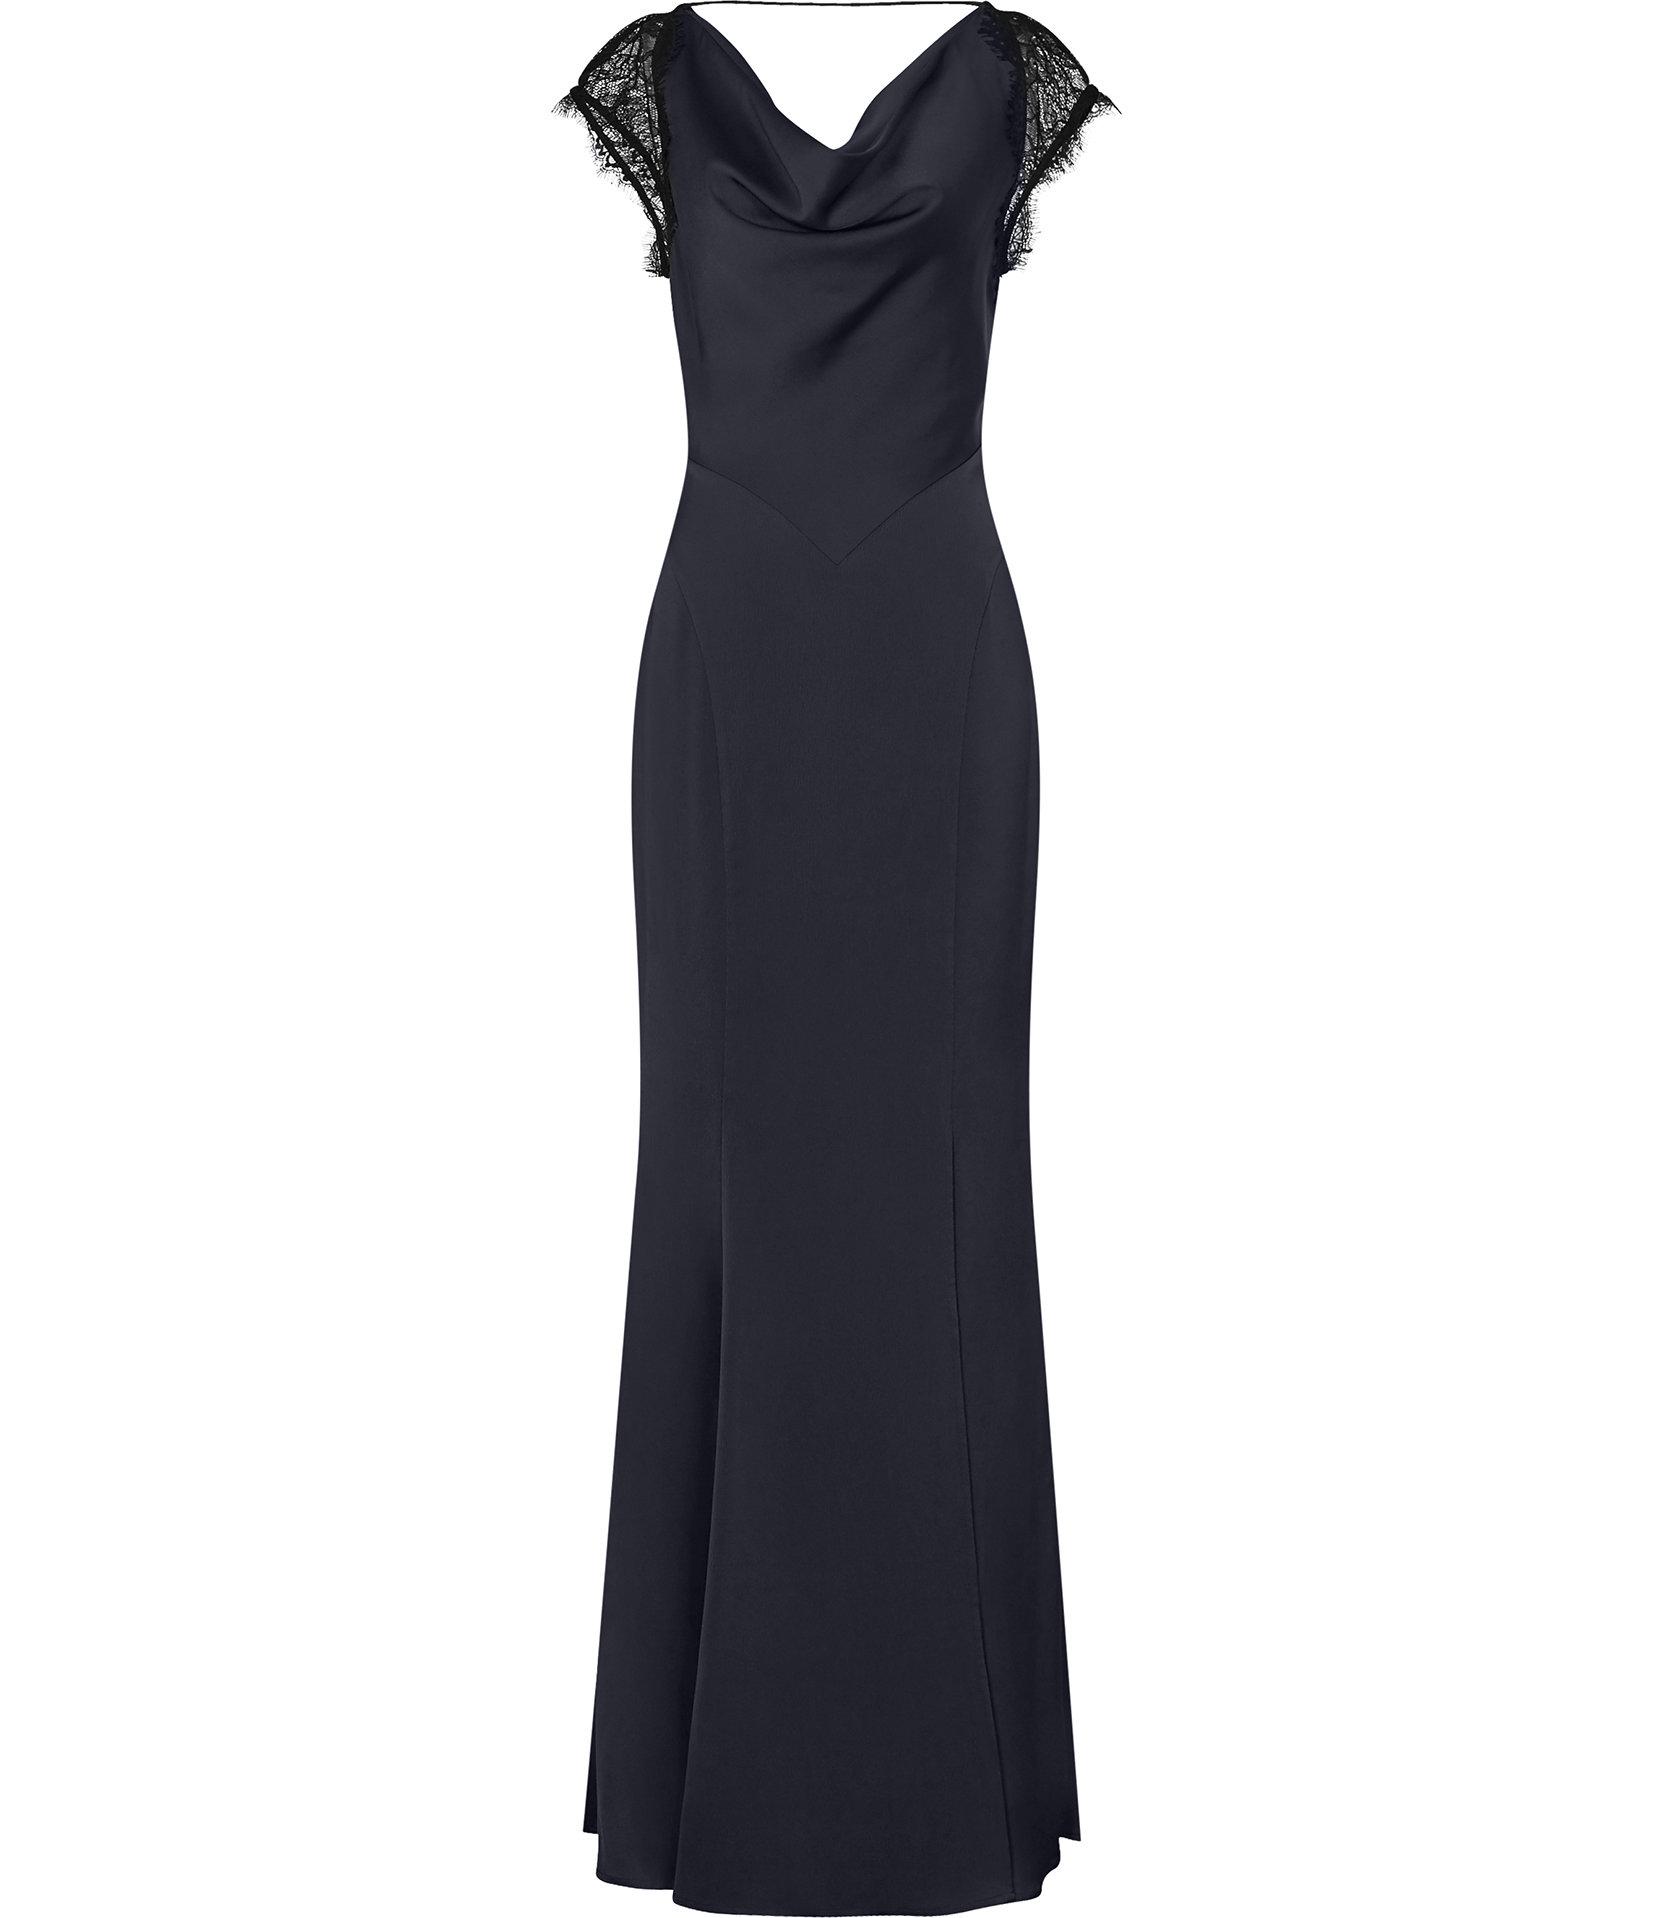 Victoria Navy Maxi Dress, Dhs1,350.